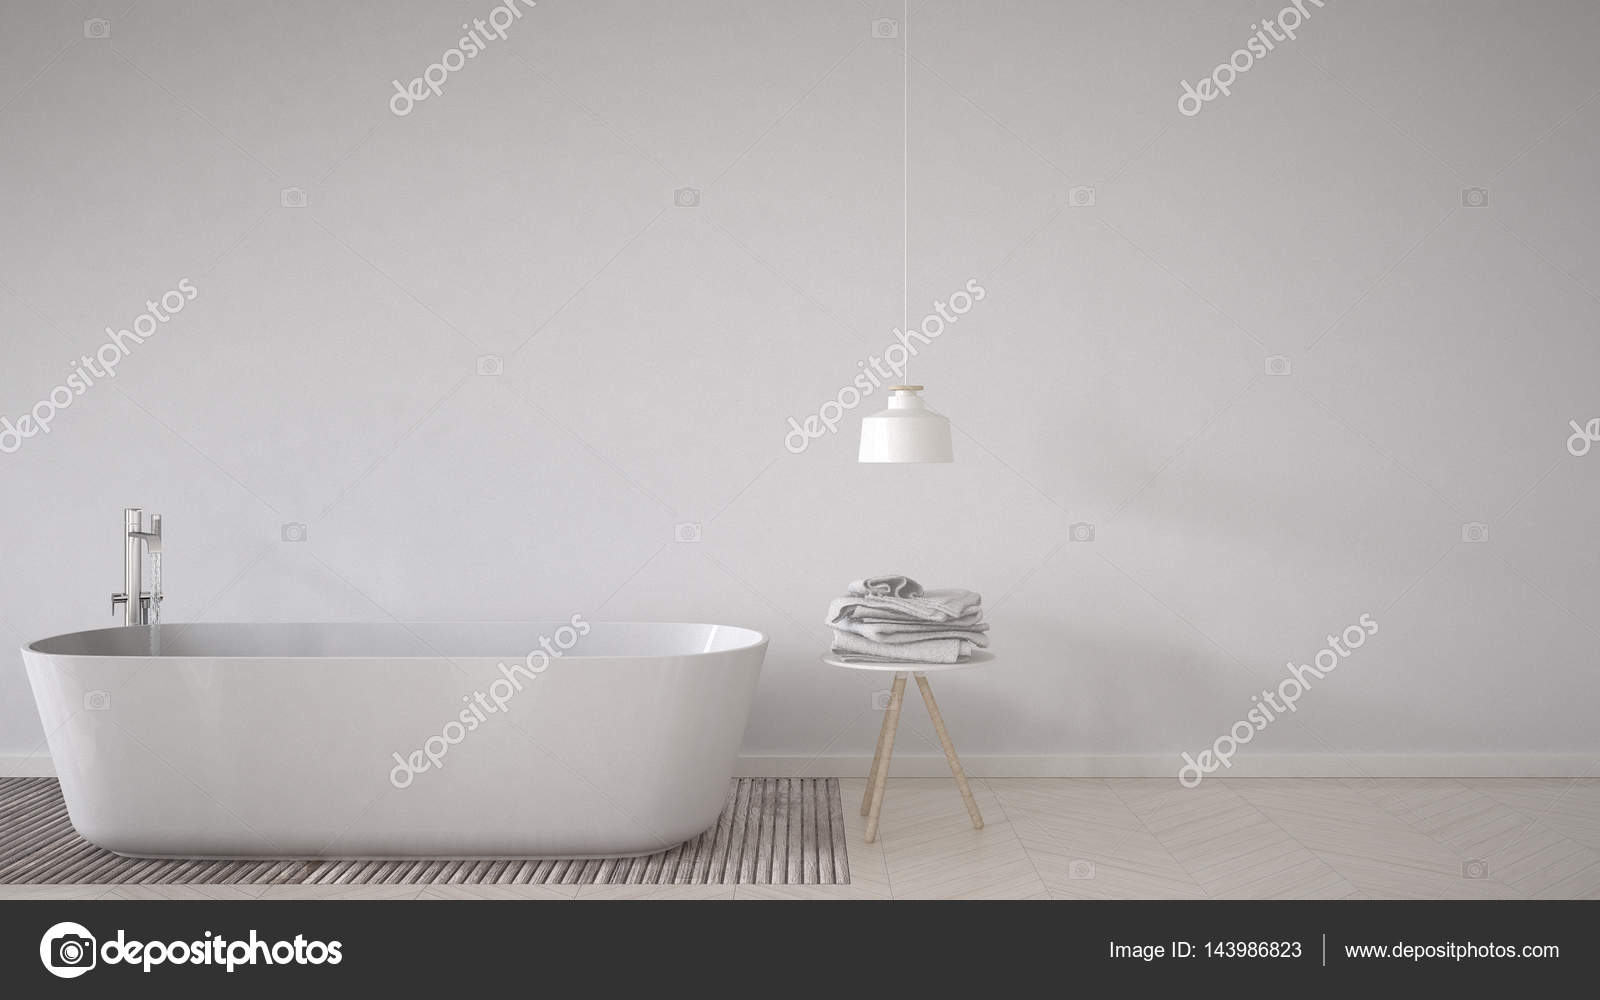 Vasca Da Bagno Bassa : Priorità bassa scandinavo bagno vasca da bagno tavolo e lampada su